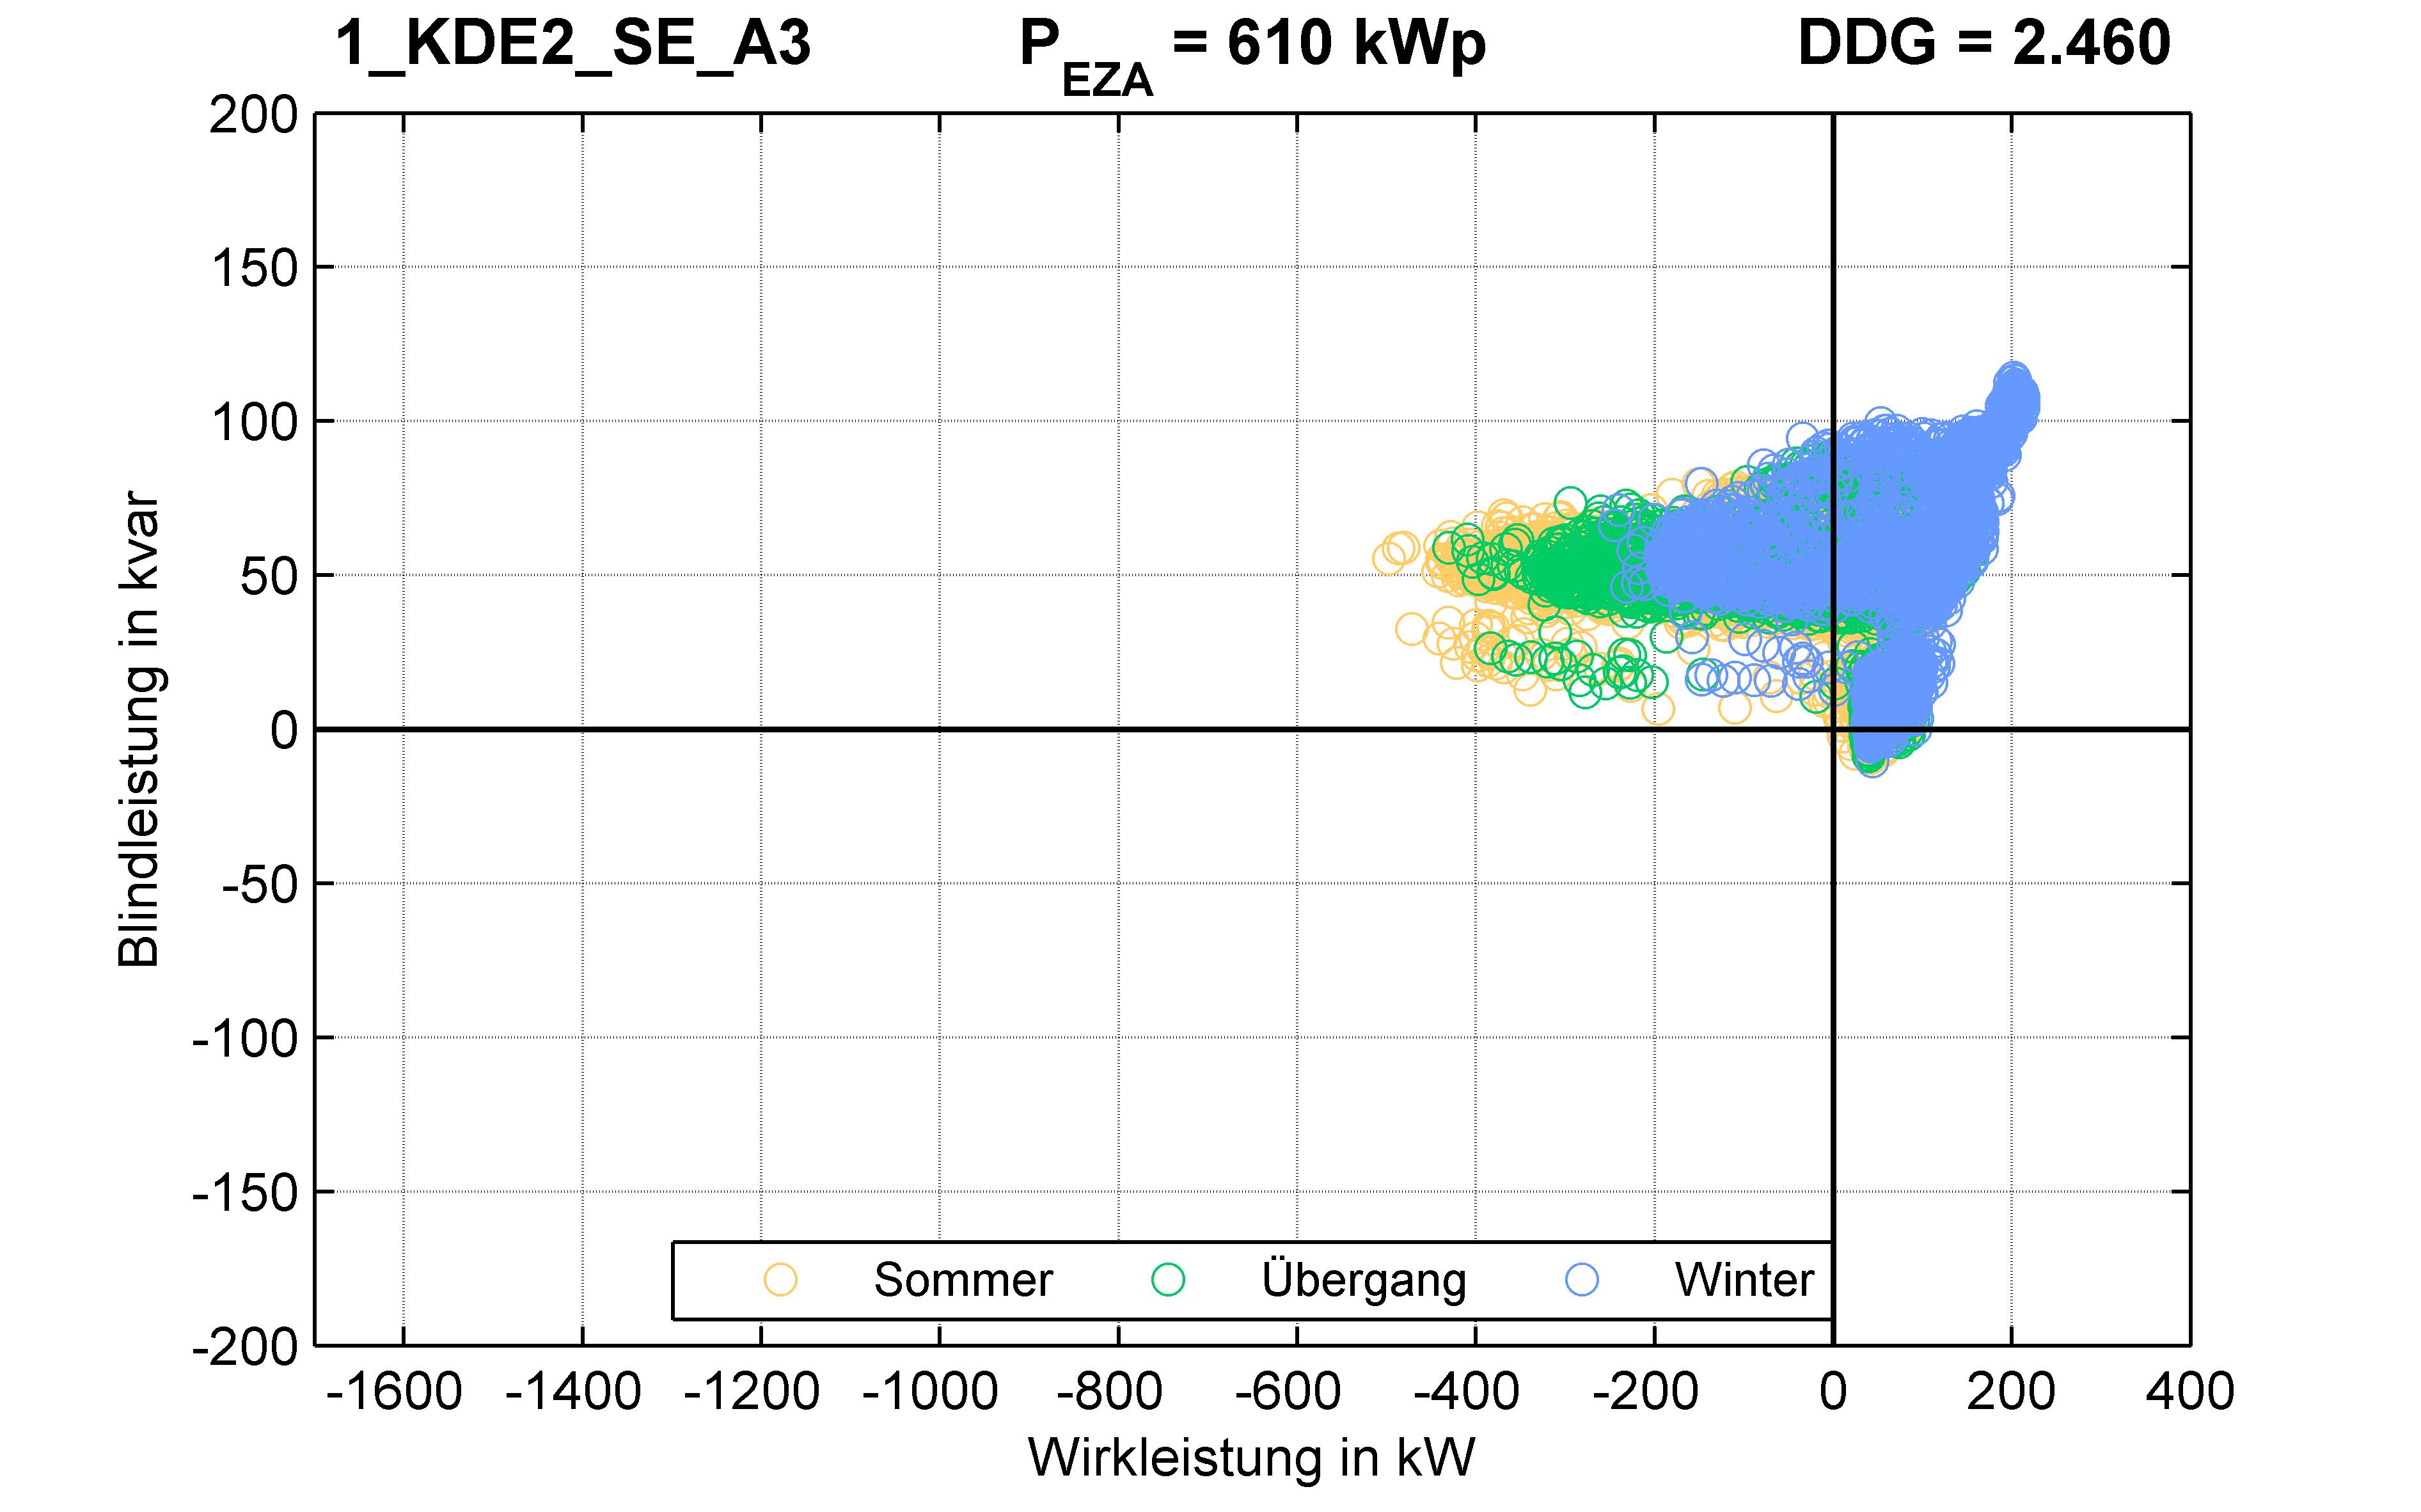 KDE2 | KABEL (SE) A3 | PQ-Verhalten